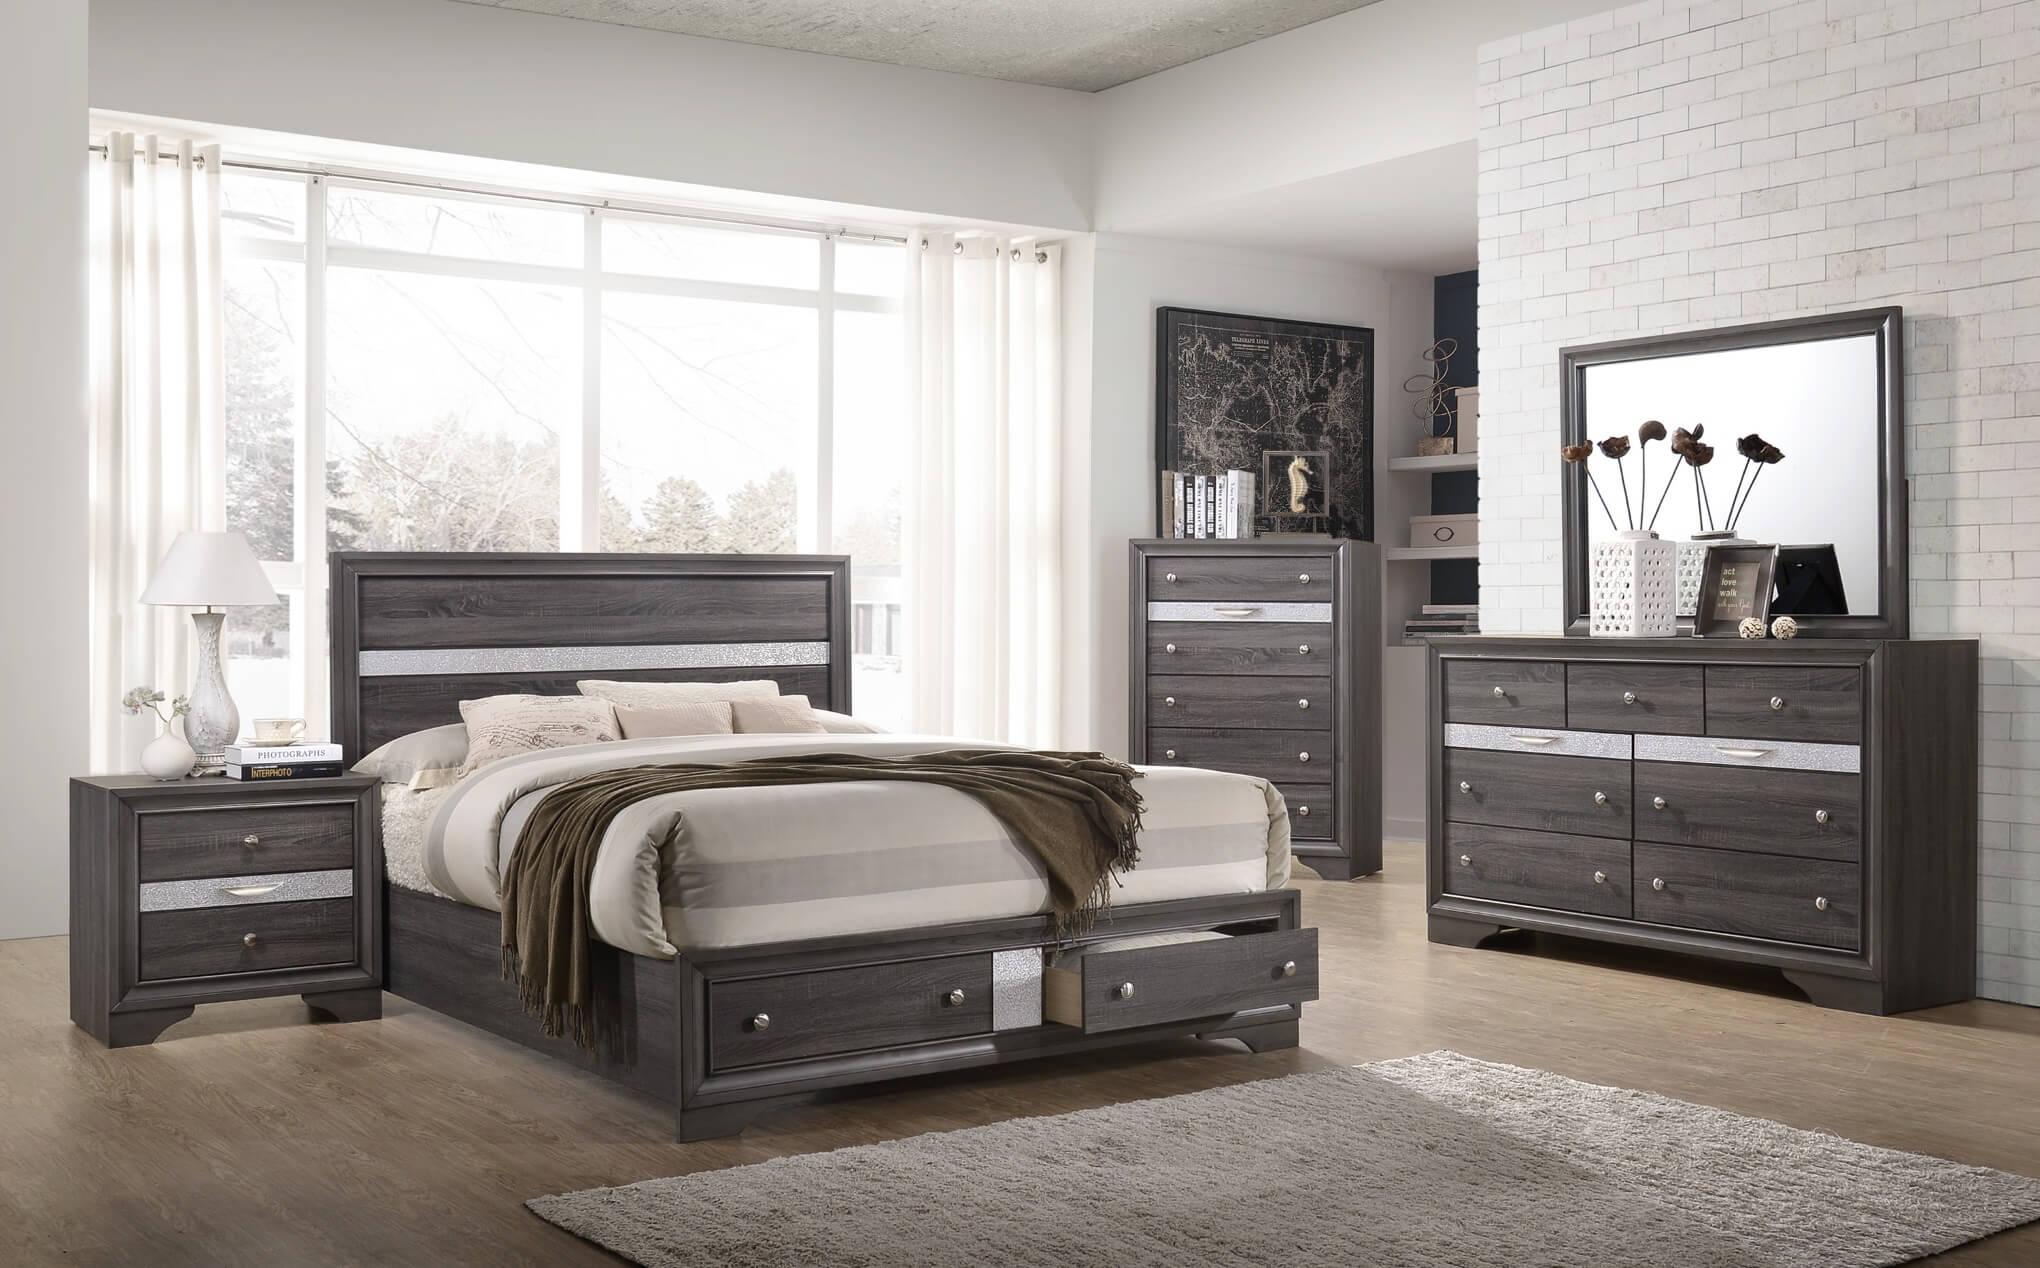 Regata Grey Storage Bedroom Set Urban Furniture Outlet